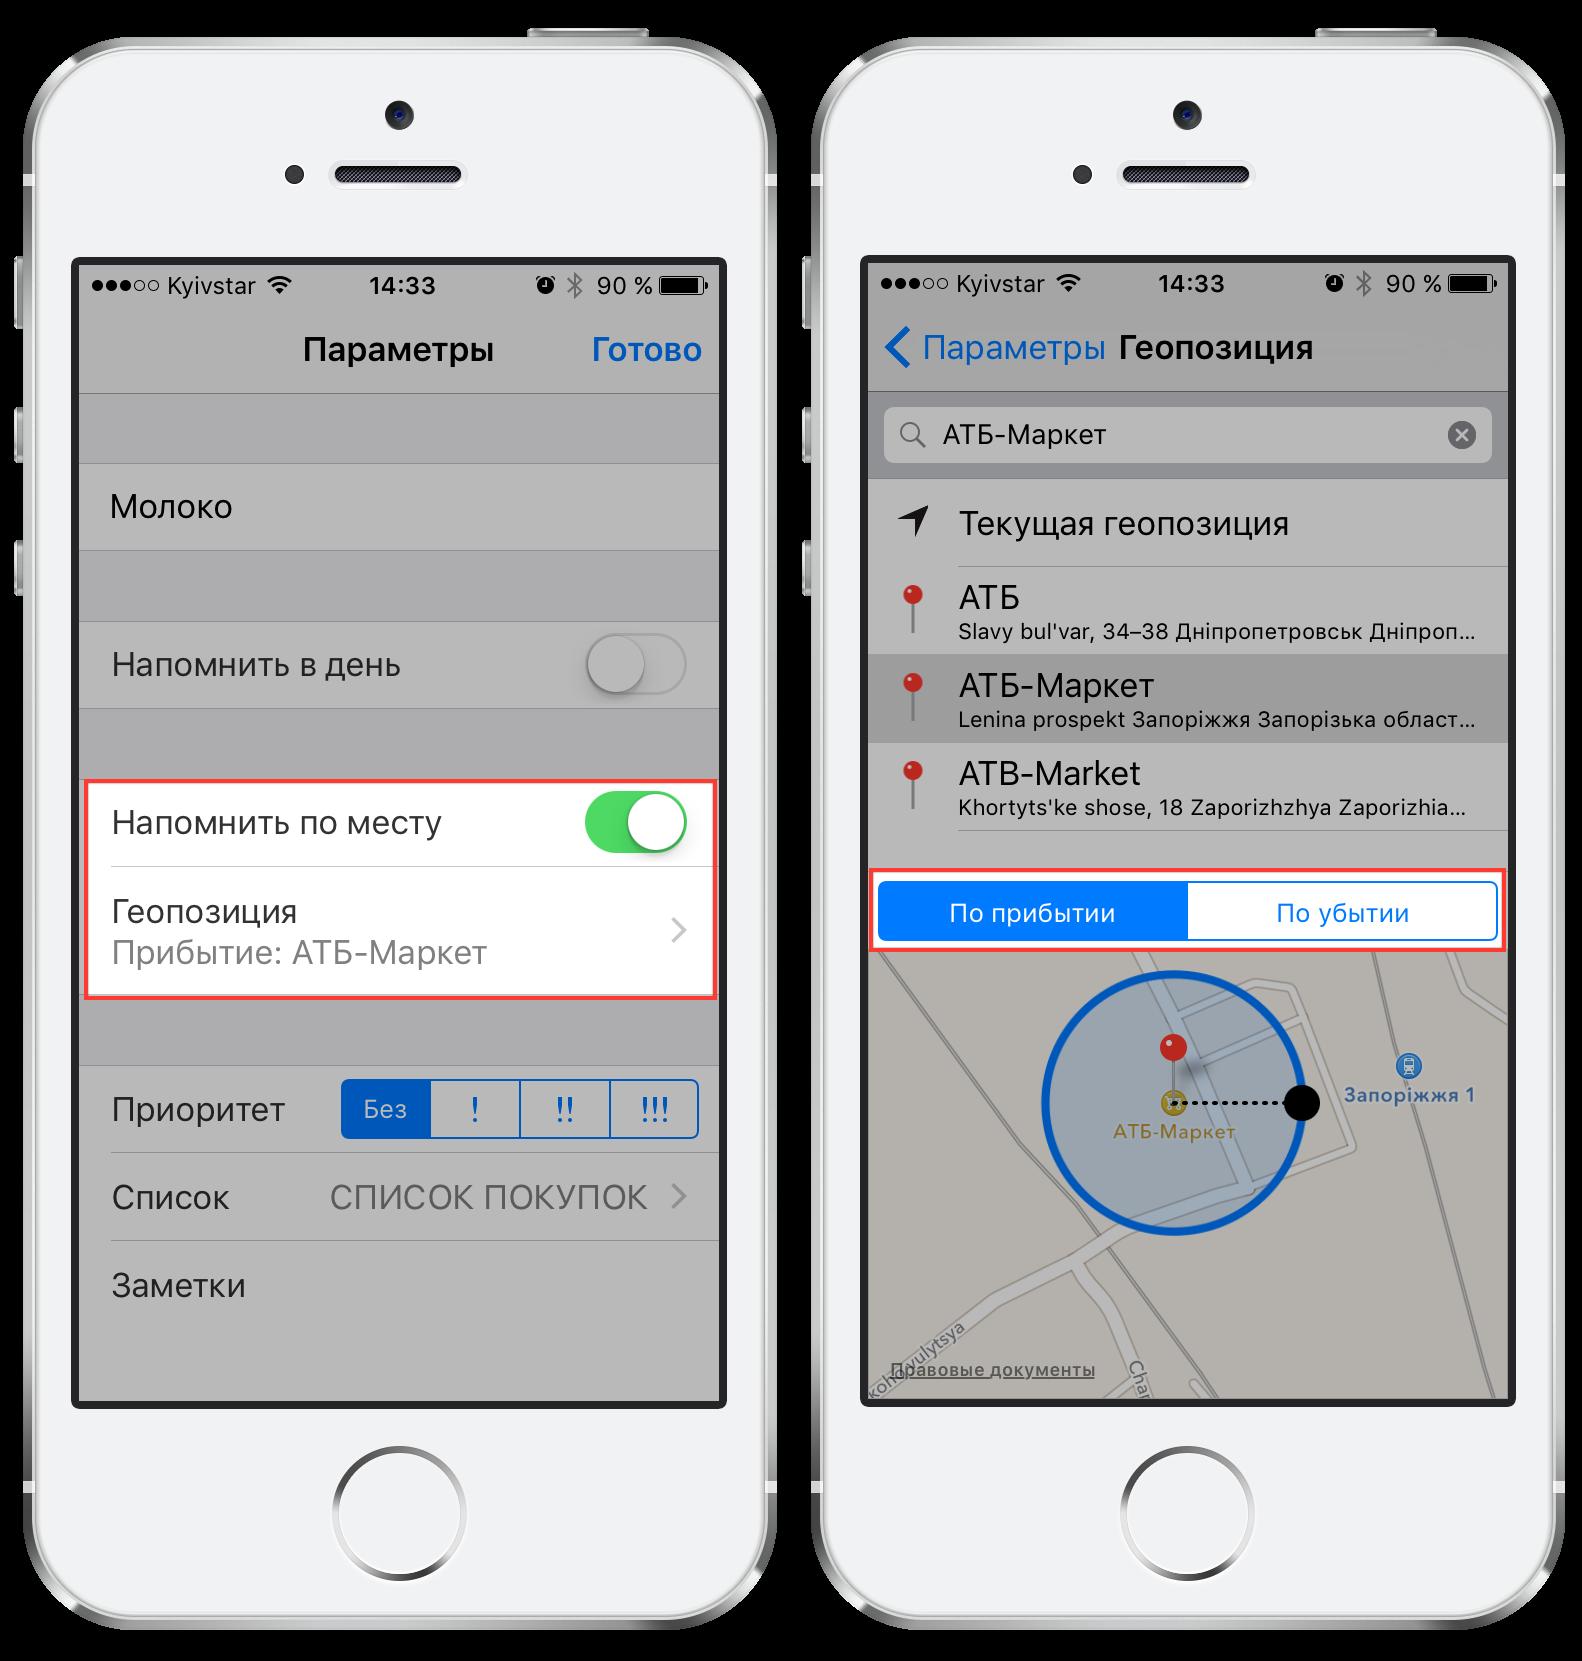 обмануть геолокацию iphone